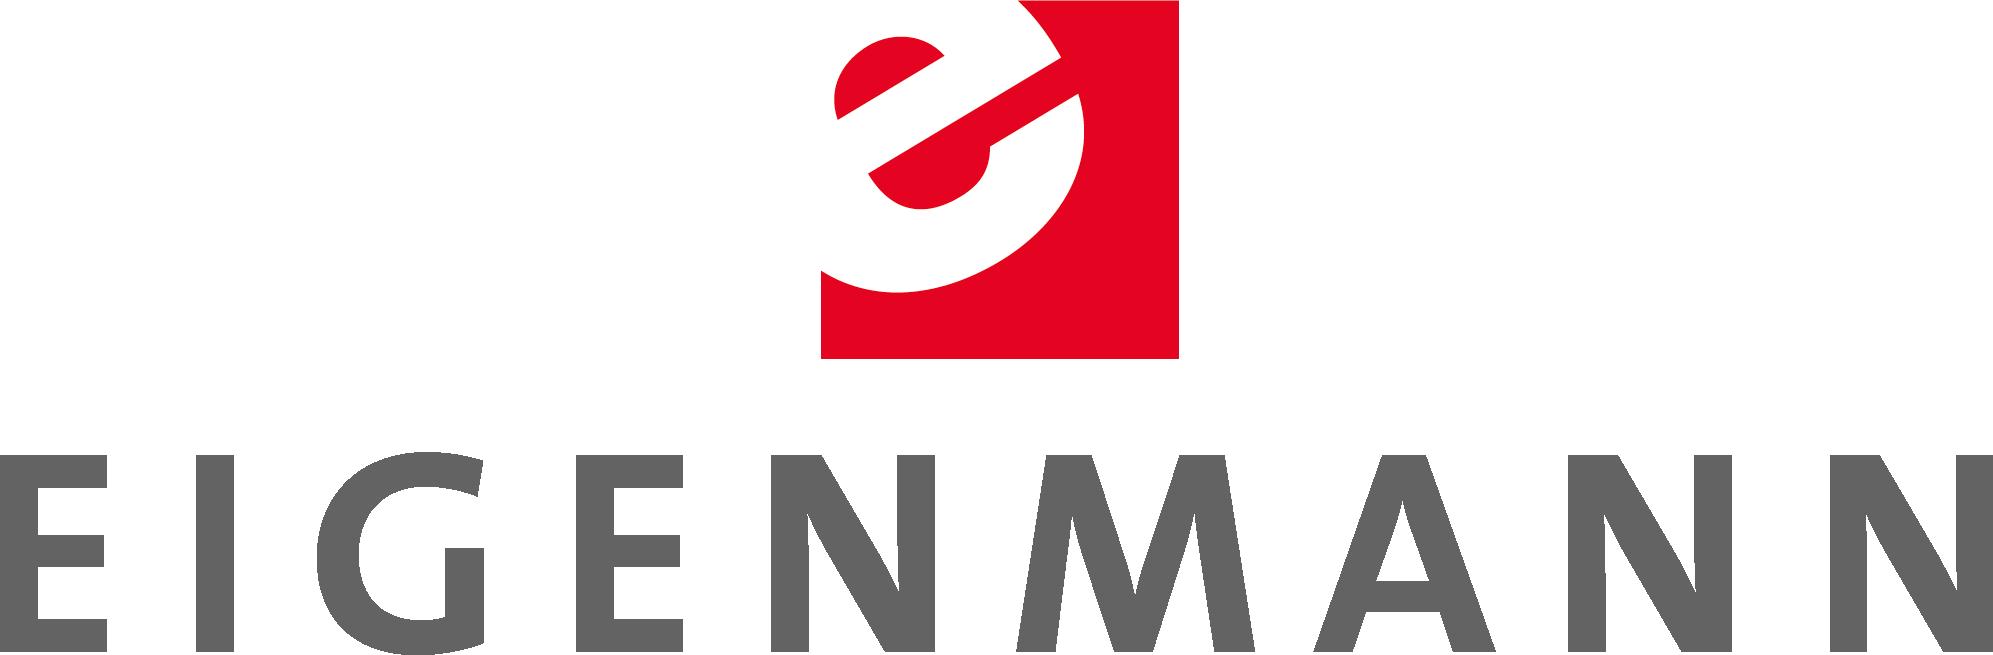 Eigenmann AG – Ihr Experte für Dach, Fassade, Solar, Sanitär und Heizung